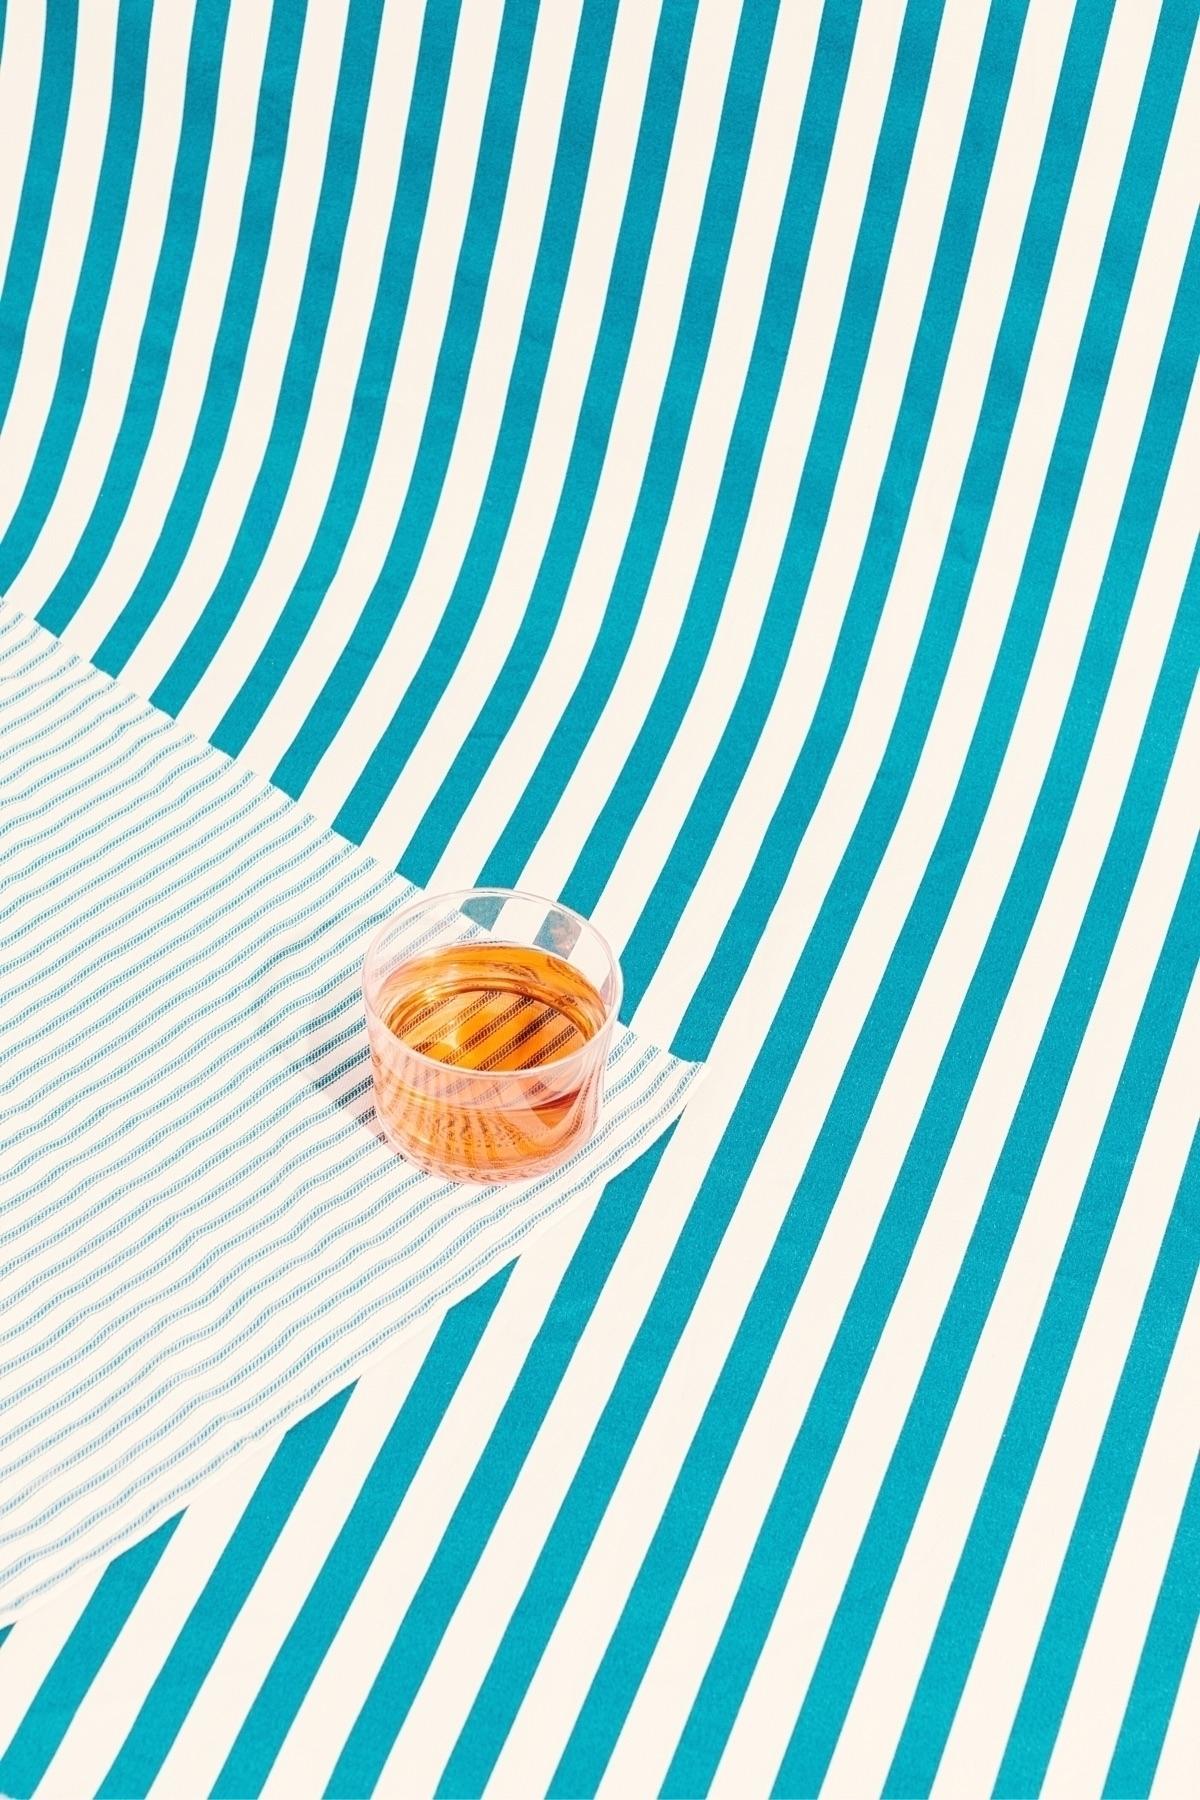 Wine pool - wineday, colorful, orange - codyguilfoyle   ello